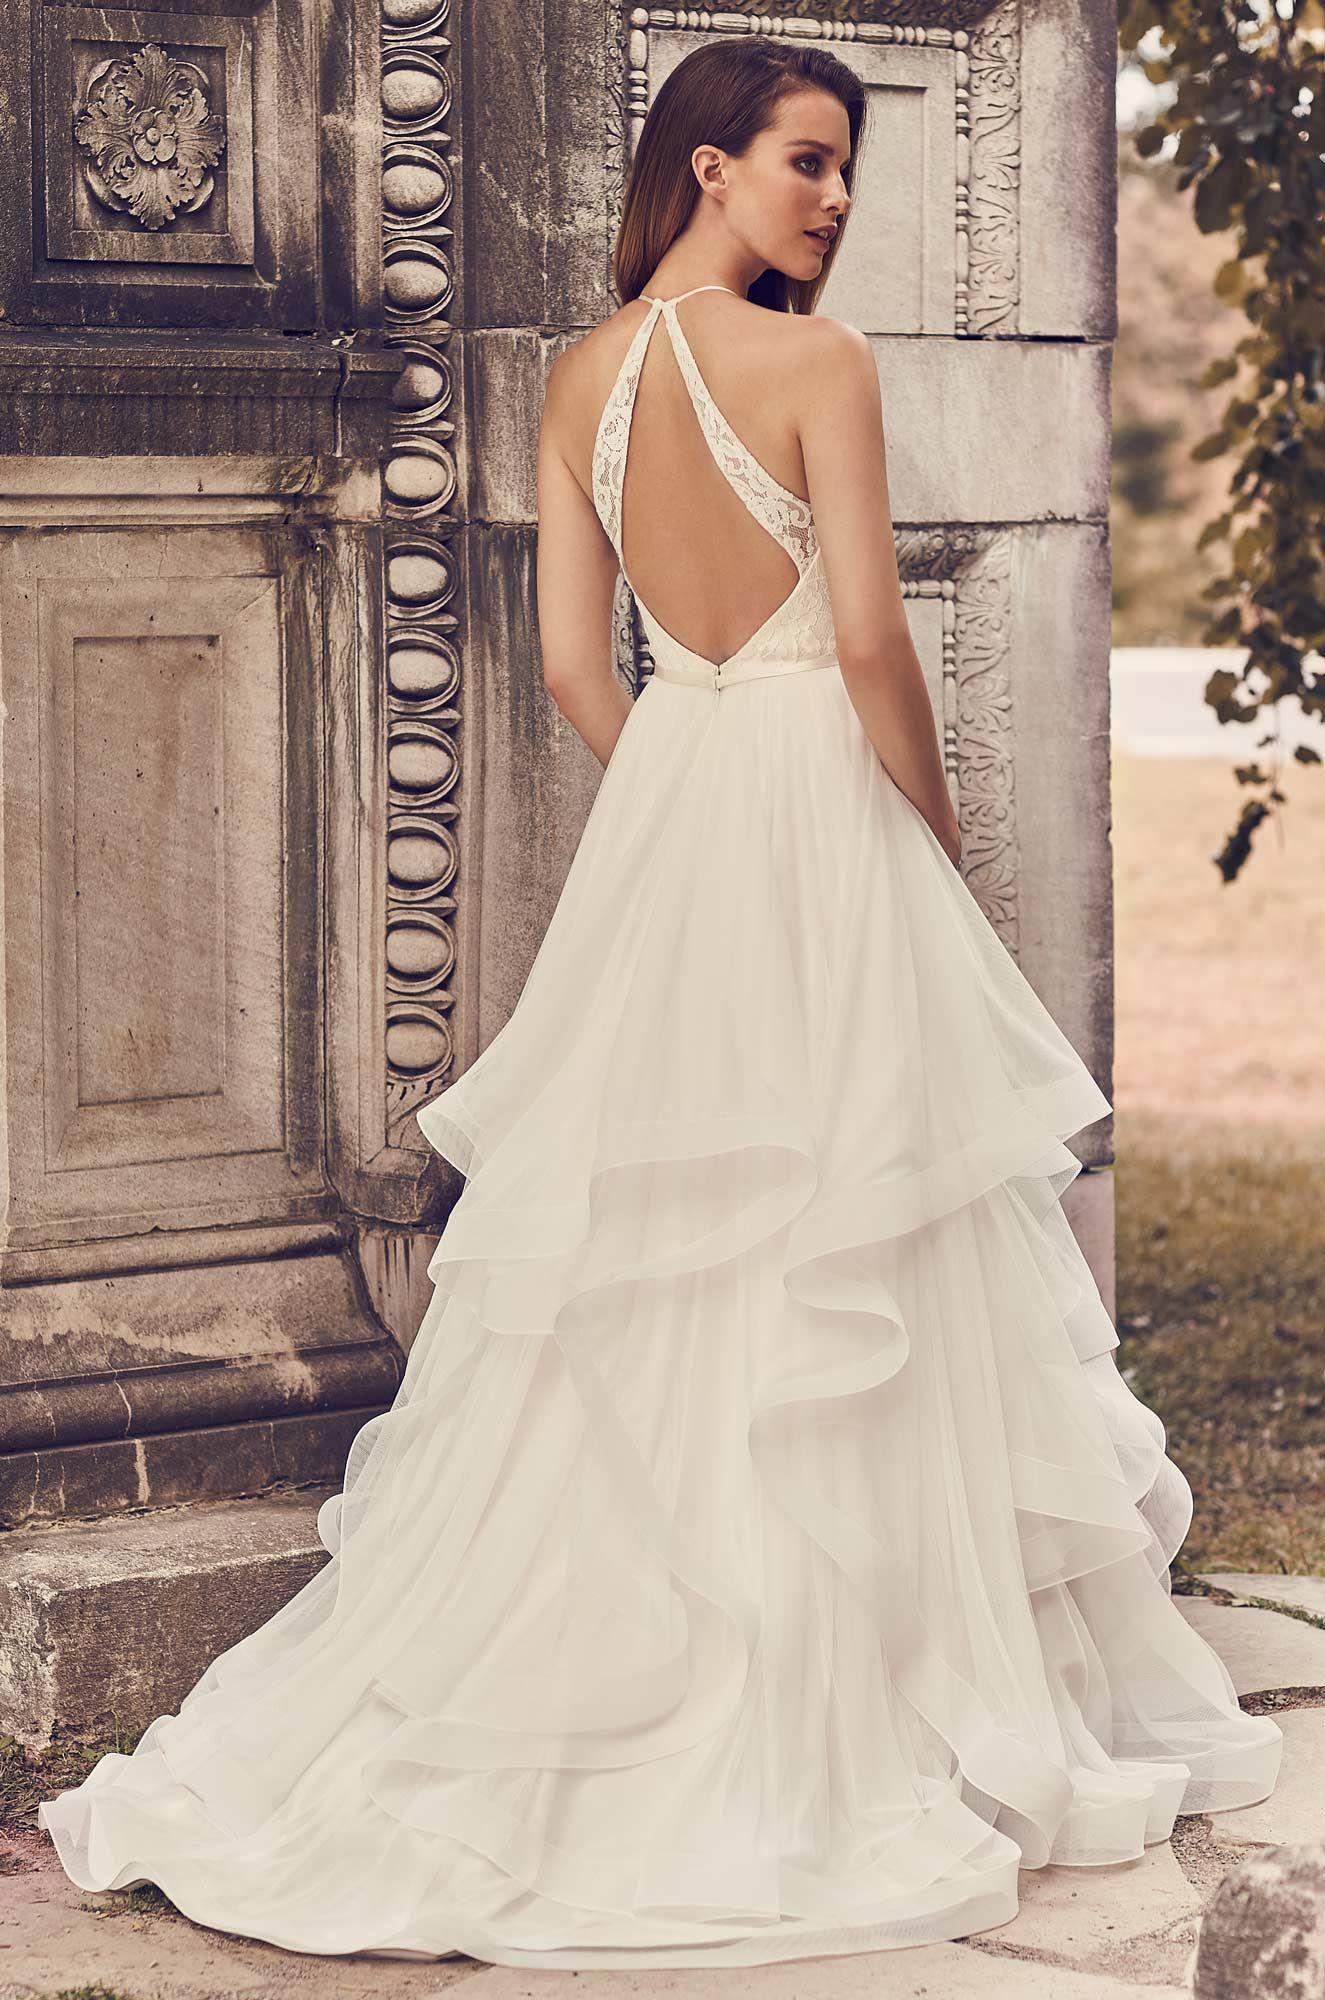 Tulle Skirt Halter Neckline Wedding Dress Style 2241